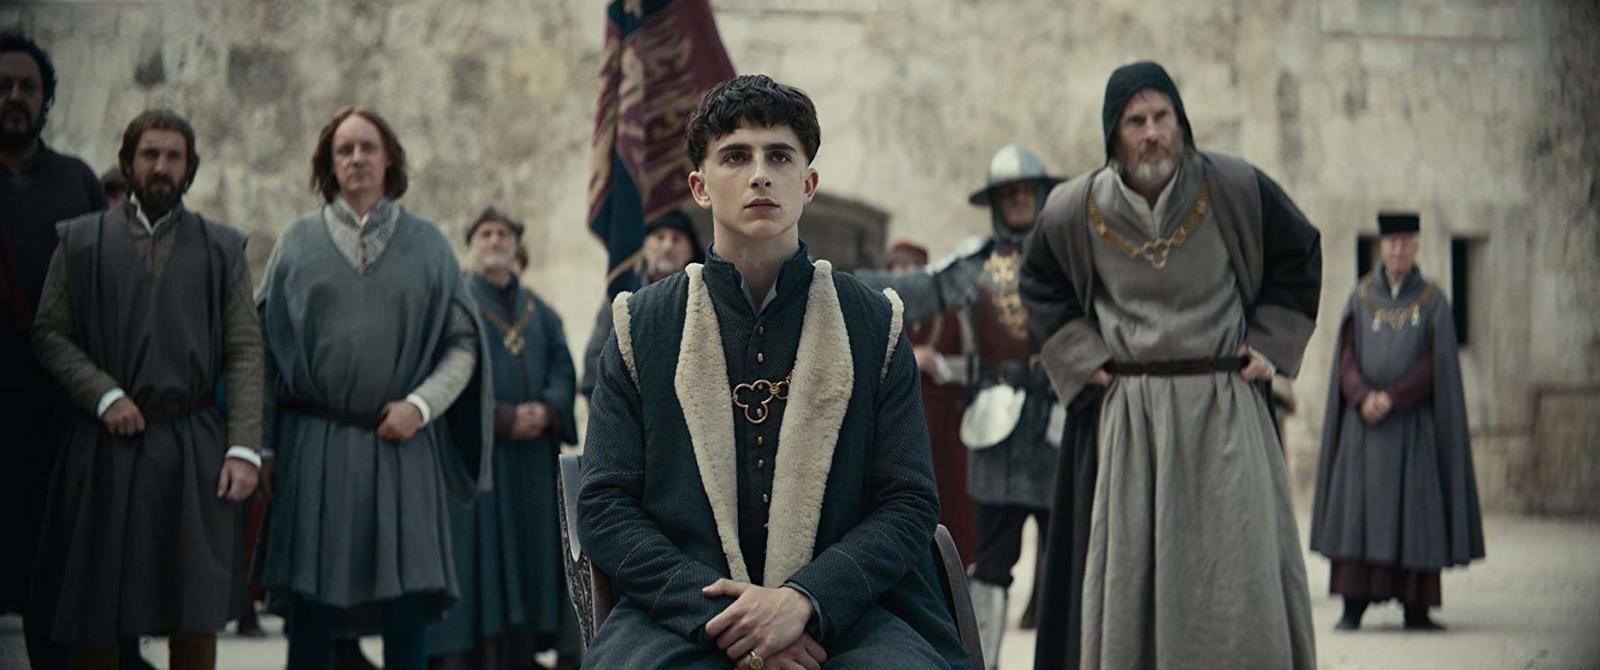 Le roi avec Timothée Chalamet, Joel Edgerton, Robert Pattinson, Lily-Rose Depp - Automne 2019 sur Netflix